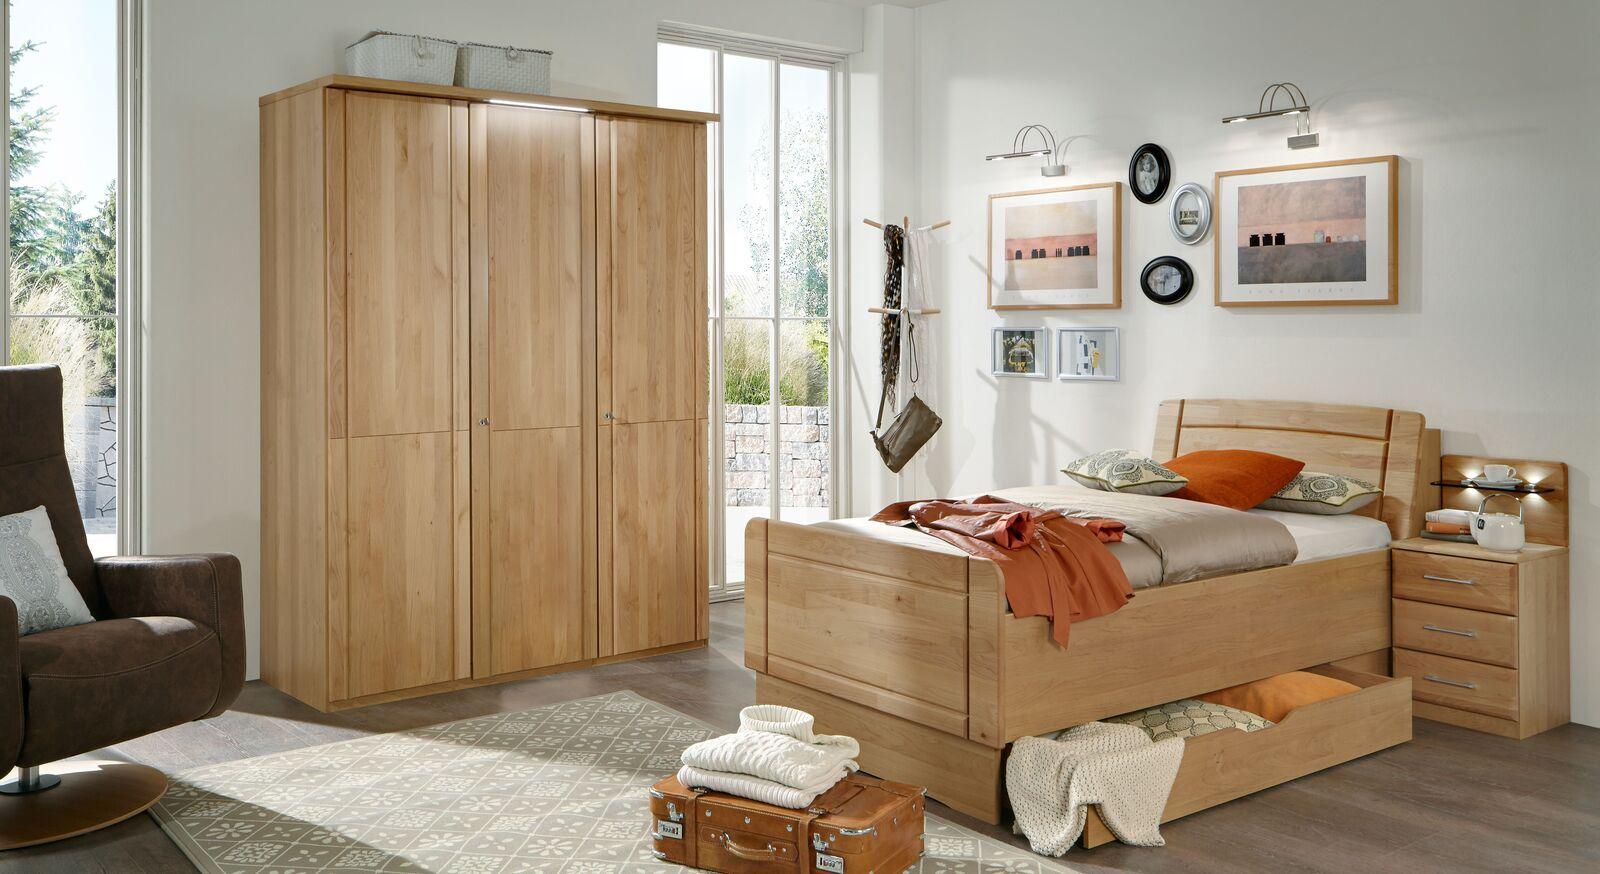 Drehtüren-Kleiderschrank Ageo Holzfront mit passenden Produkten